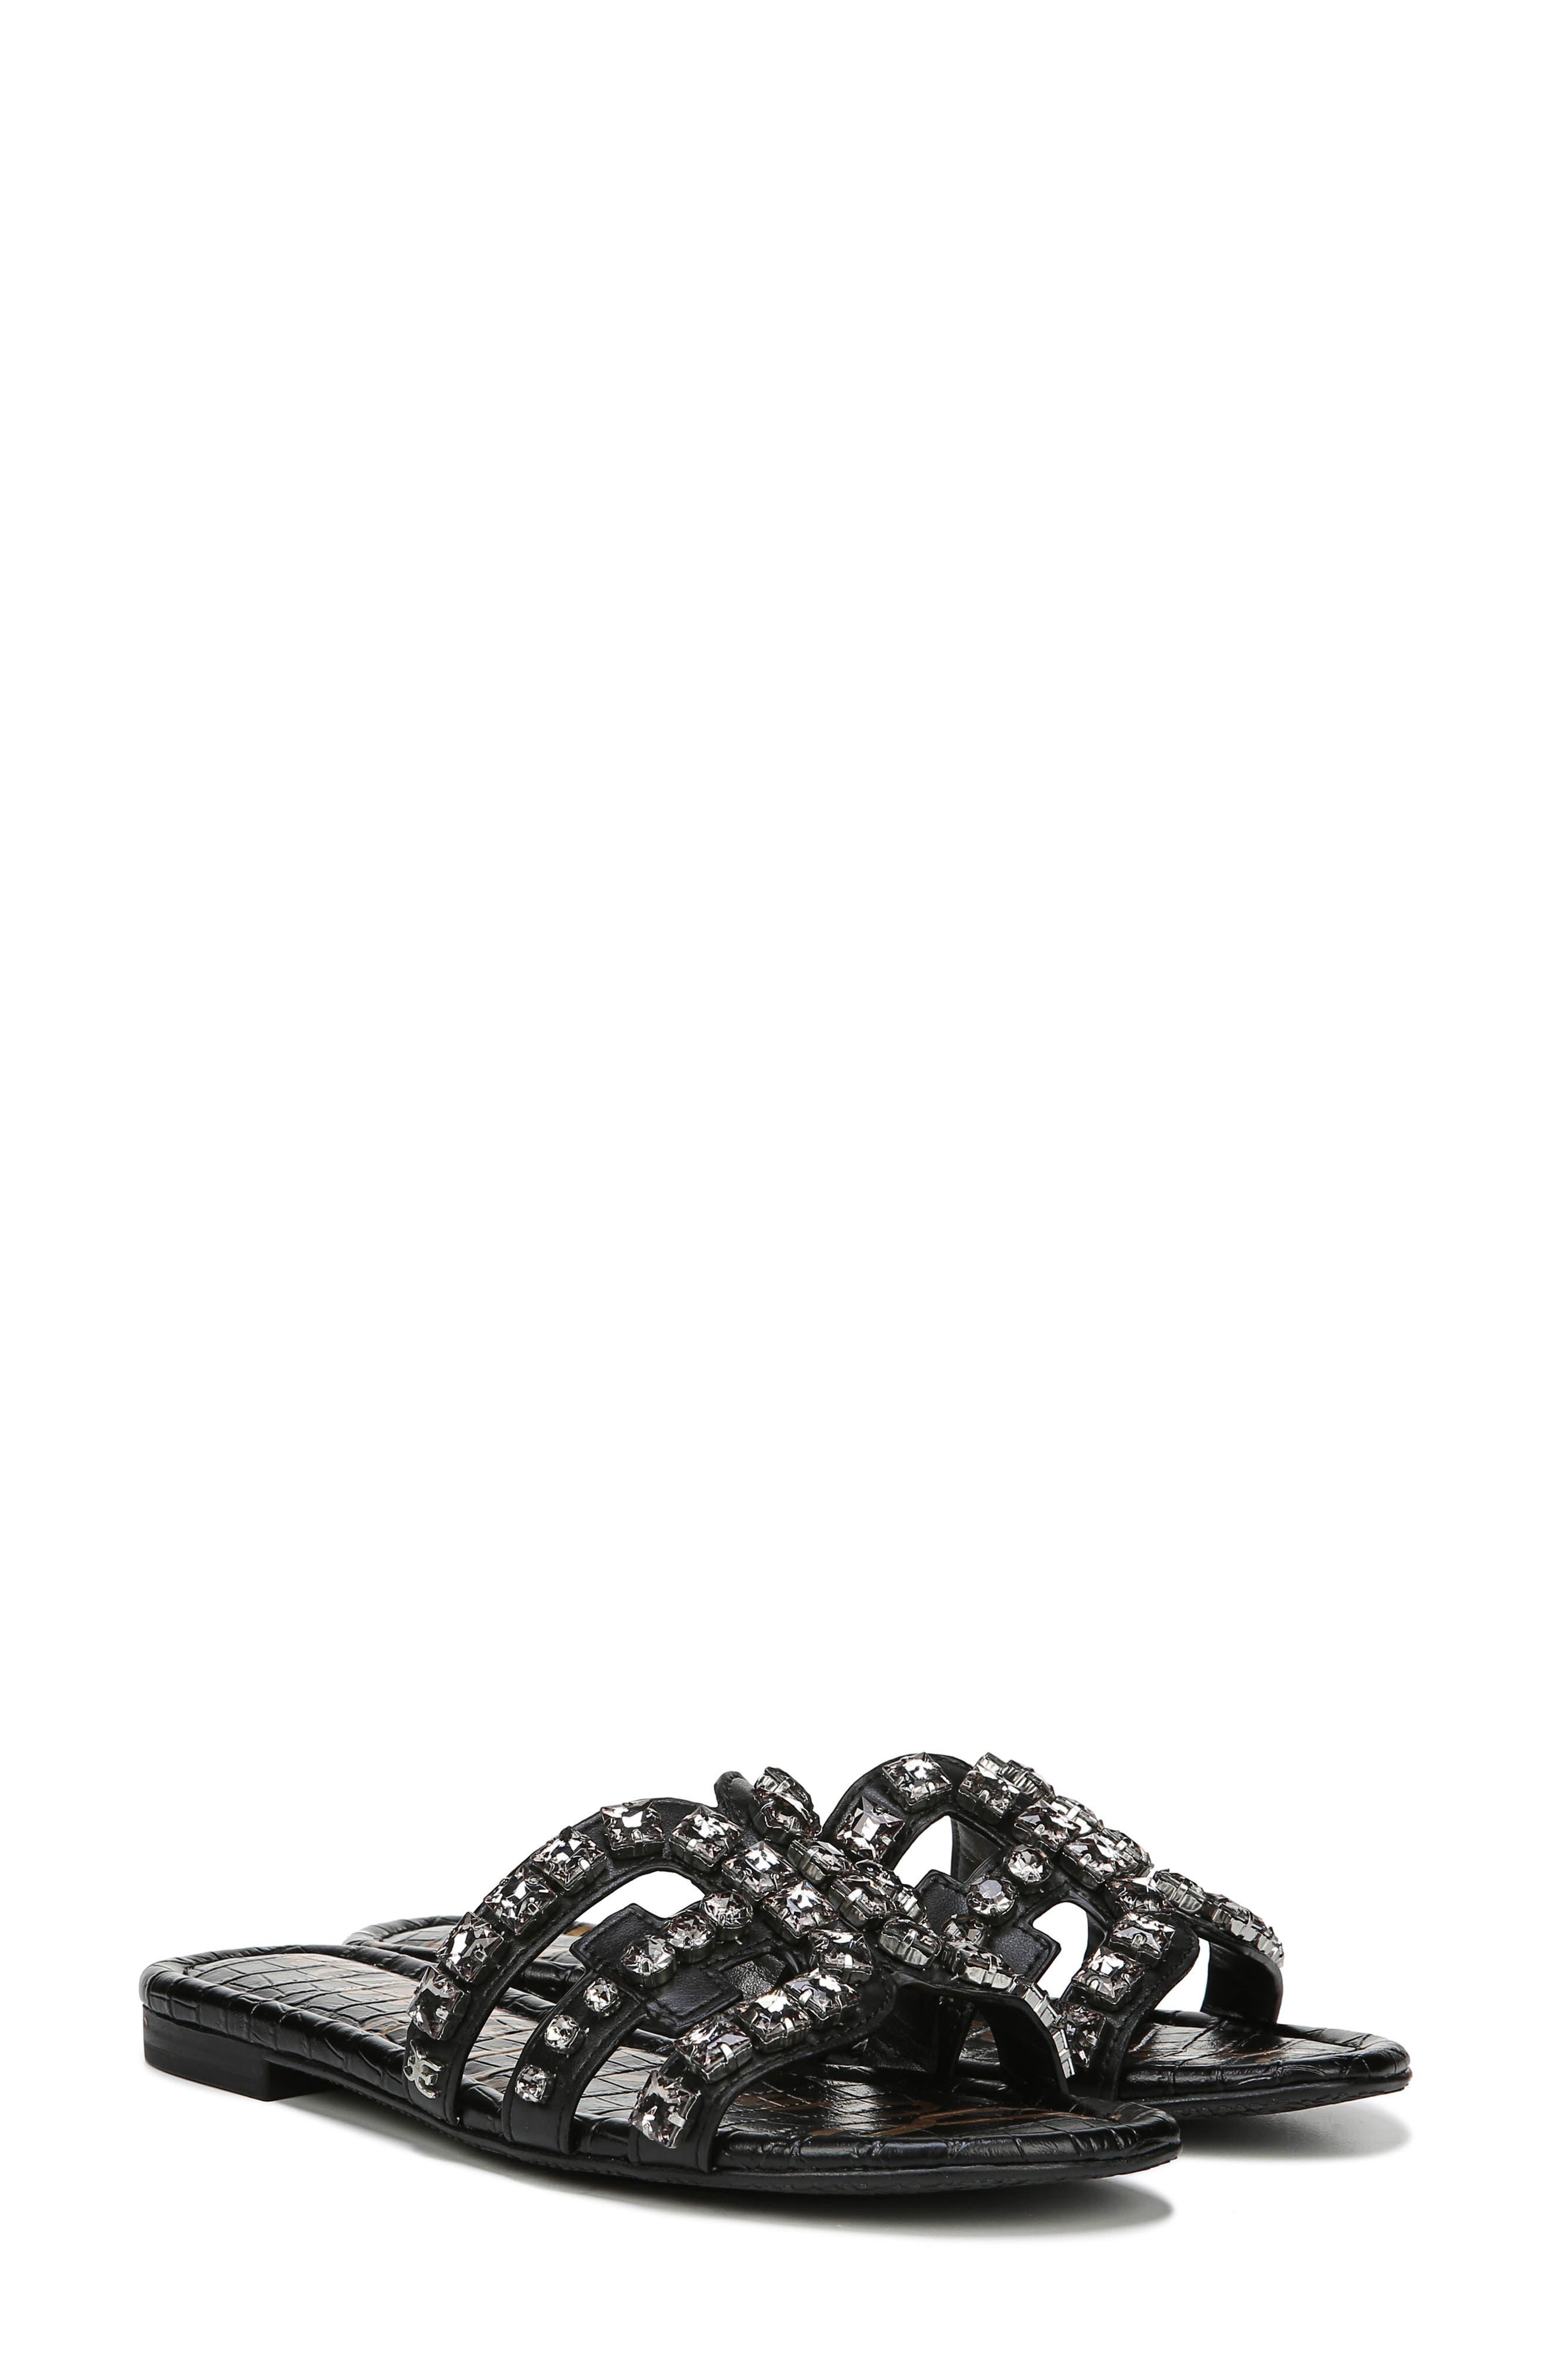 SAM EDELMAN, Bay 2 Embellished Slide Sandal, Alternate thumbnail 8, color, BLACK NAPPA LEATHER